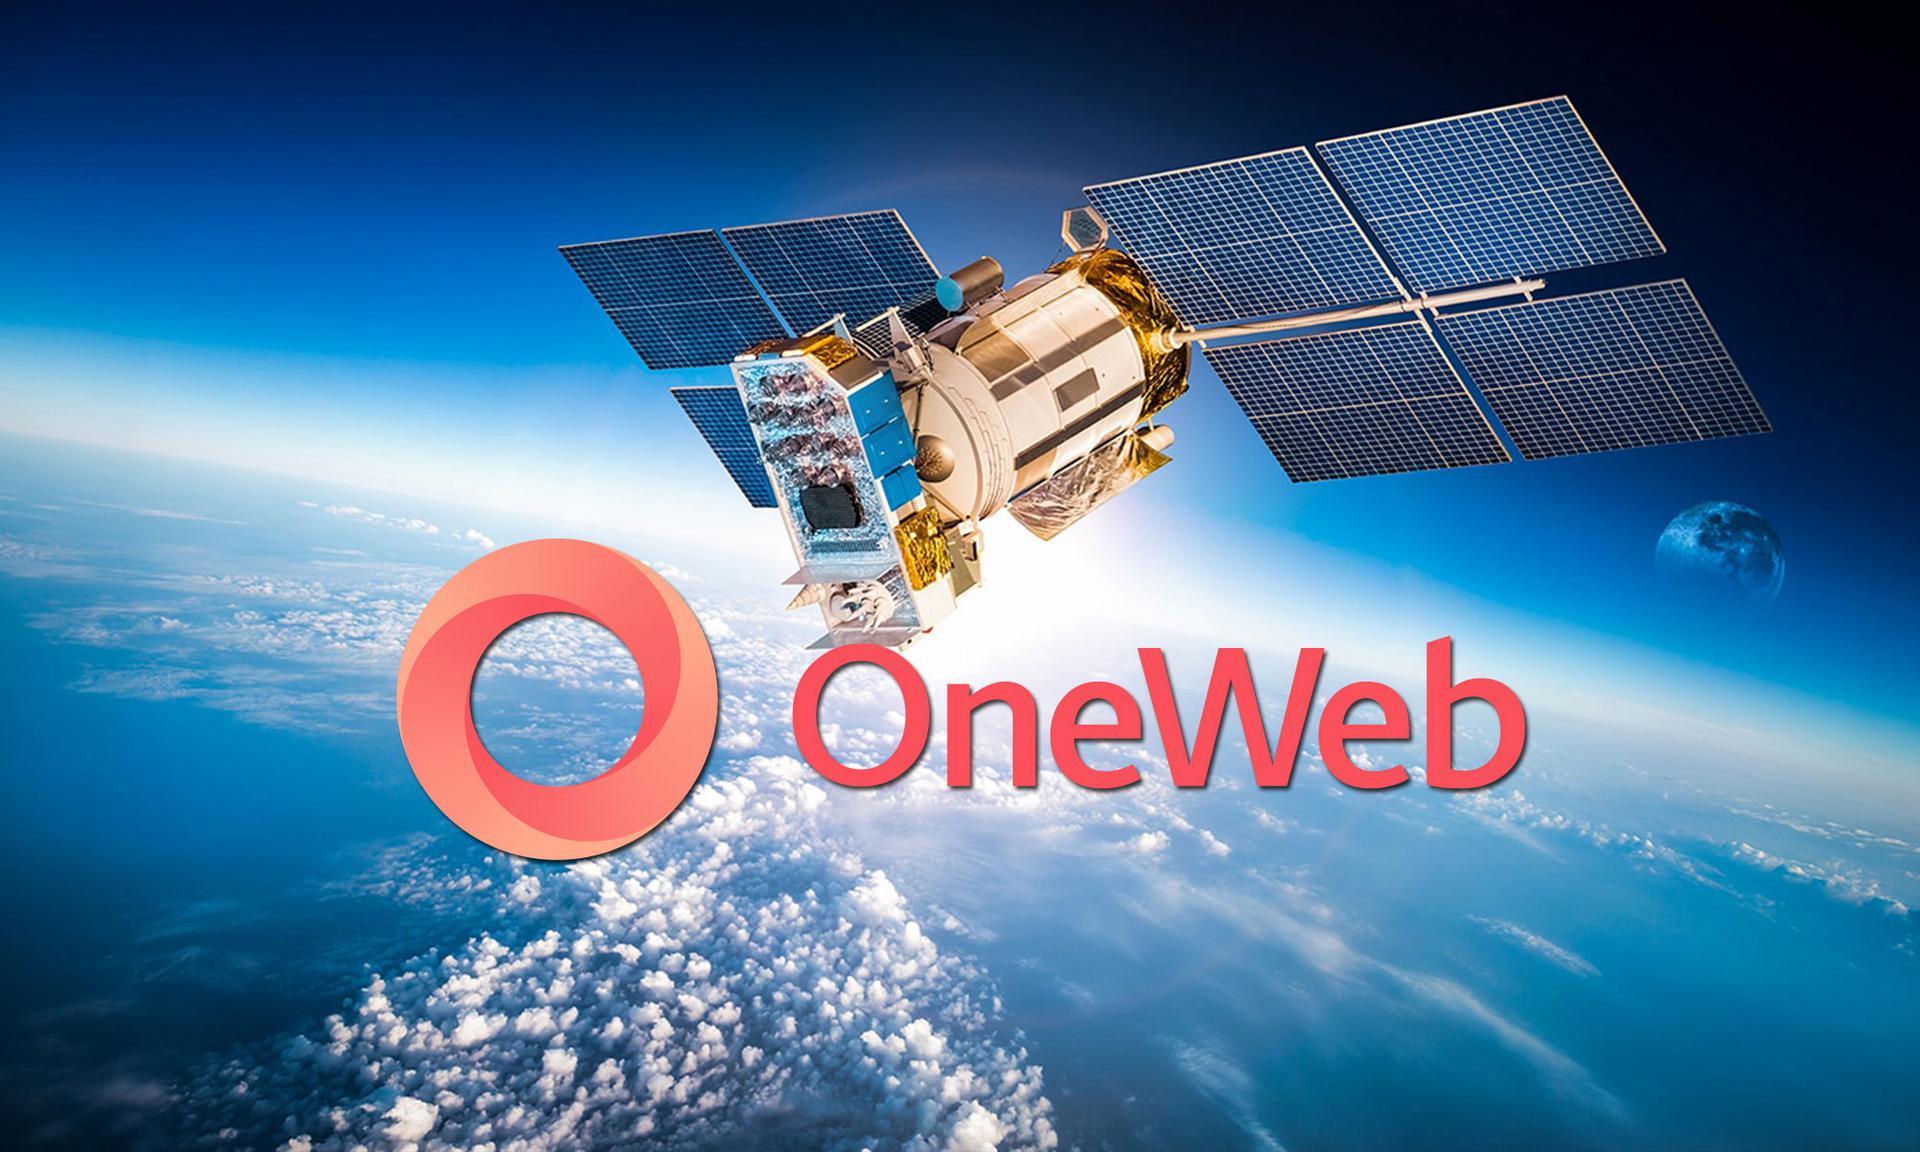 OneWeb сократила размер планируемой спутниковой группировки